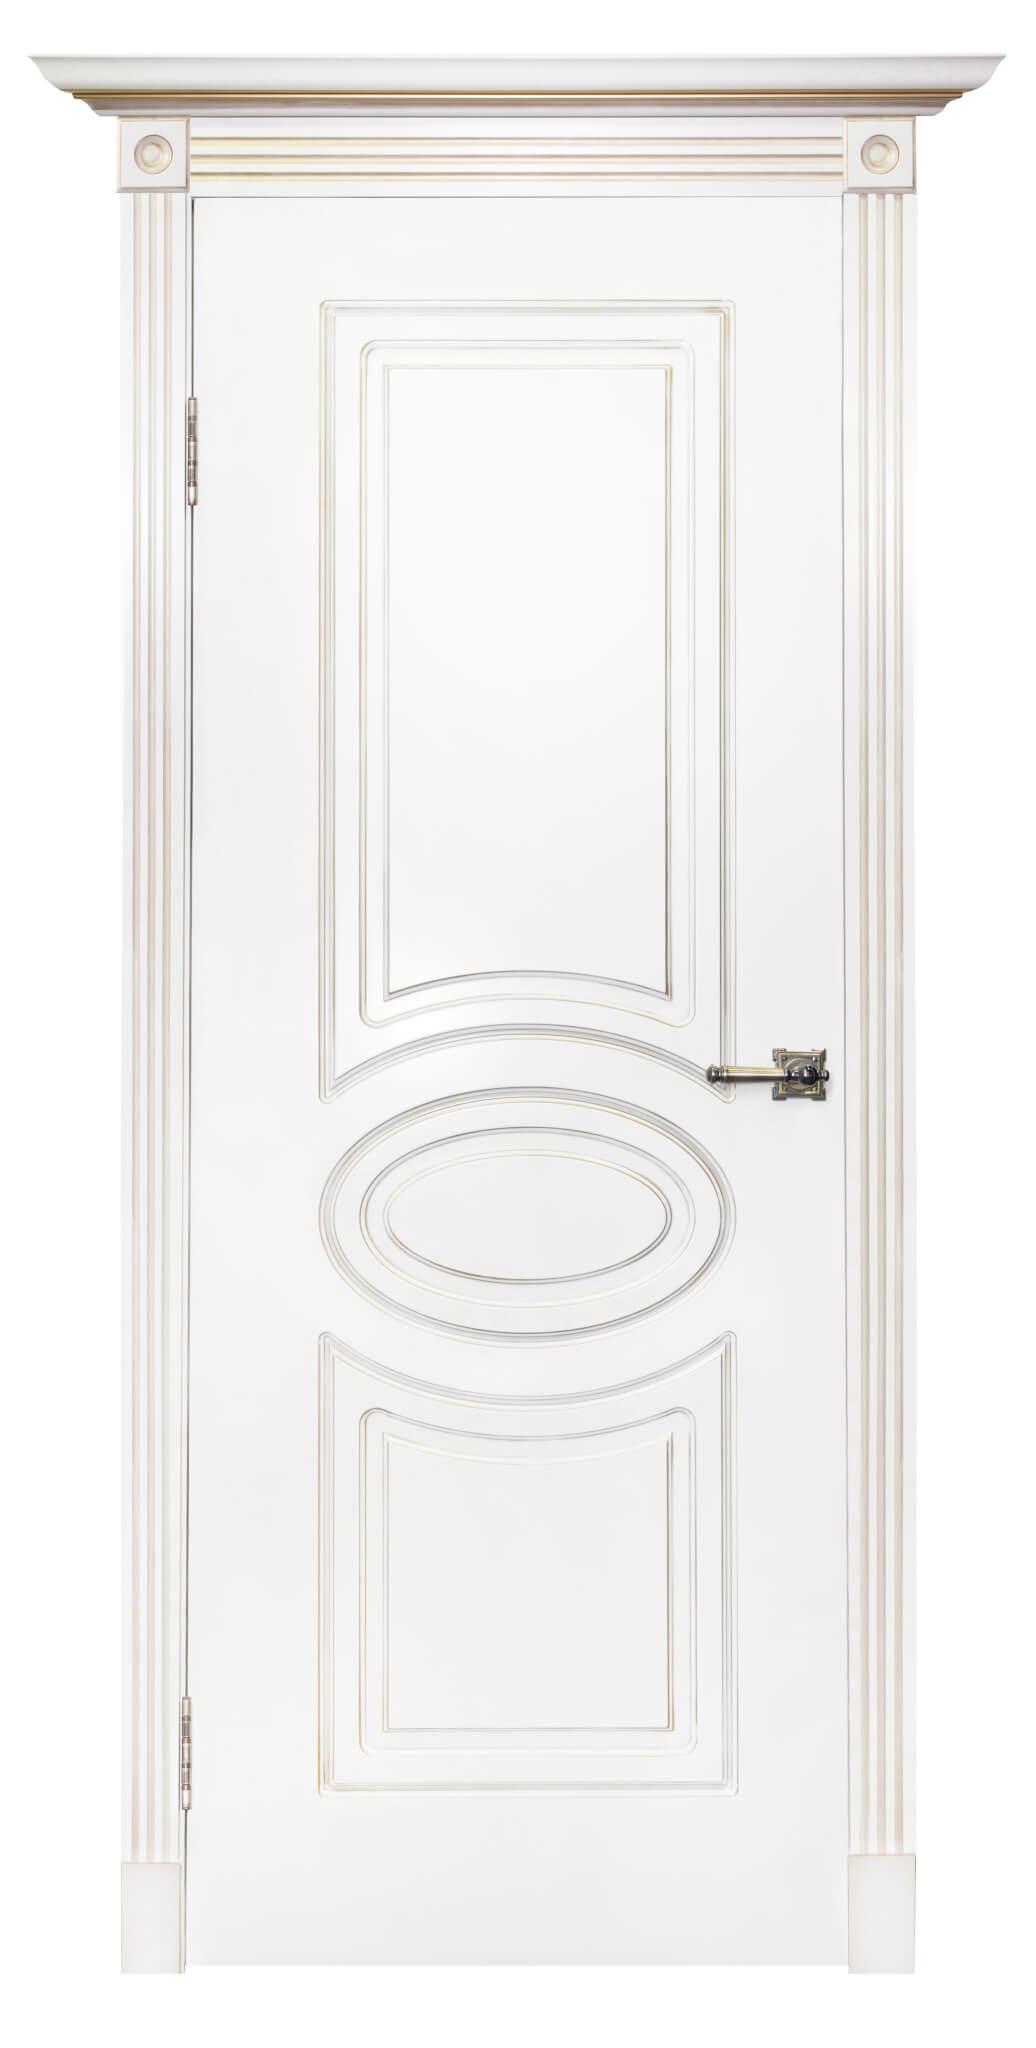 kupit dver-milan-12